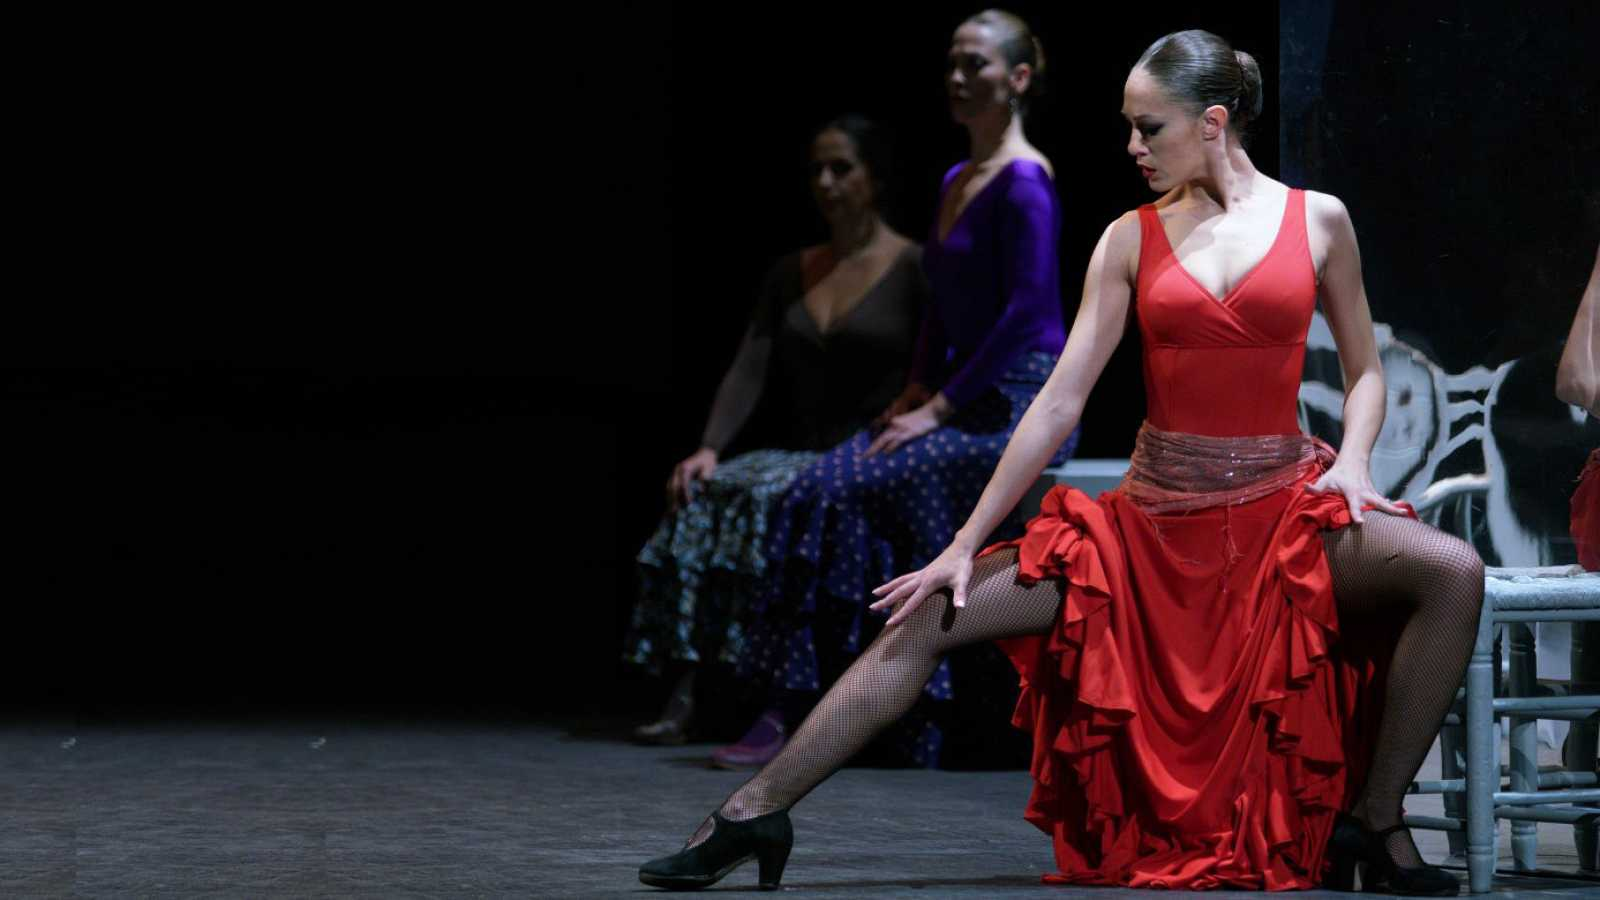 Tiempo Flamenco - El legado de Antonio Gades - 13/03/21 - escuchar ahora